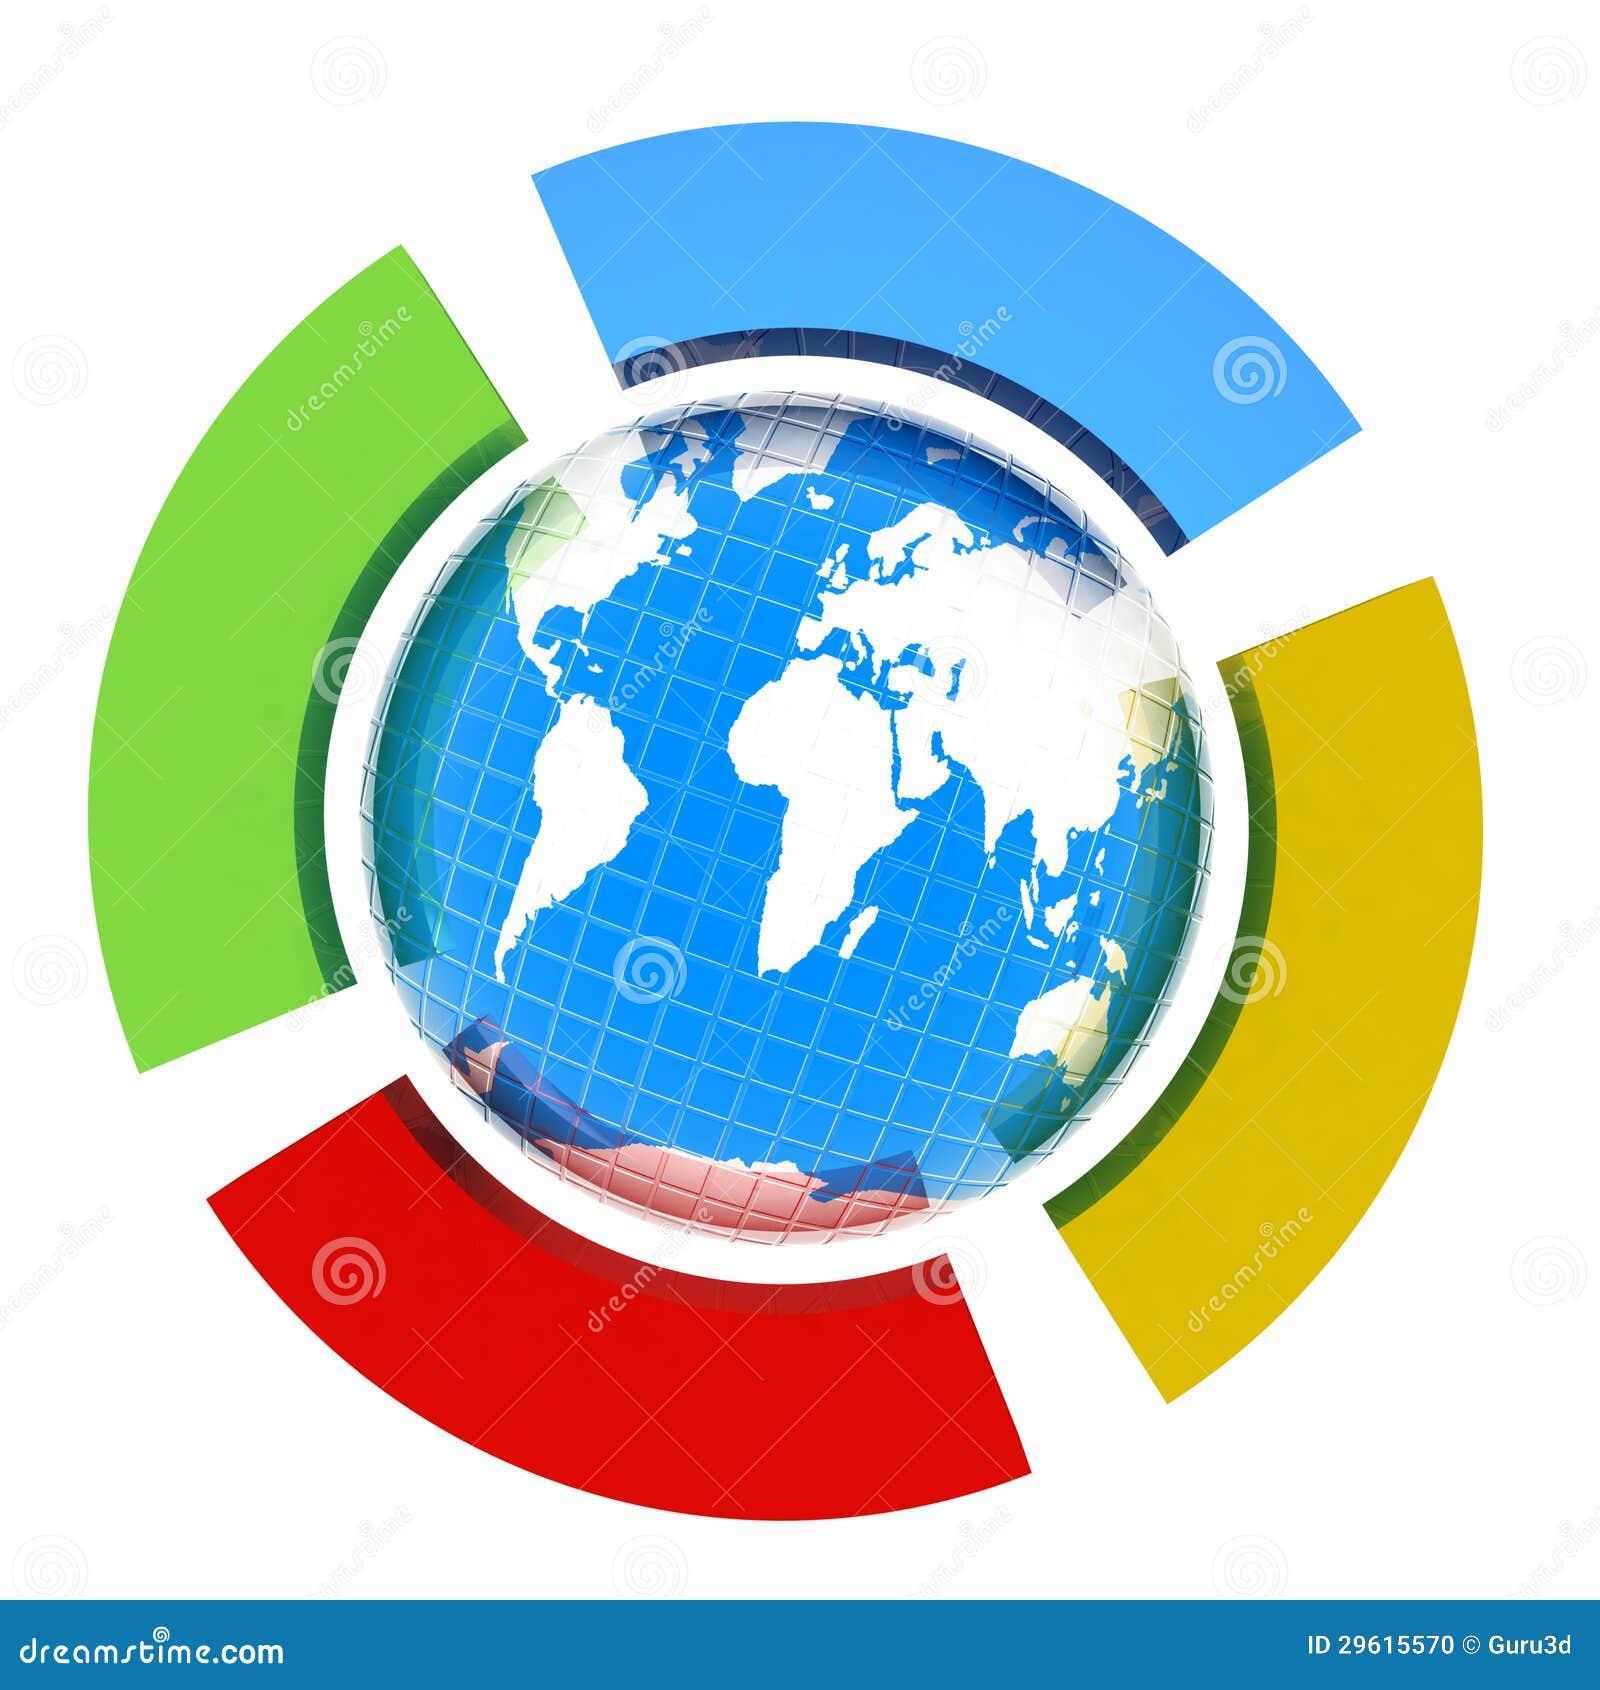 Terra e semicerchio quattro. Il concetto della stagione quattro volte (inverno-blu, utumn estate-rosso e giallo-un di verde della